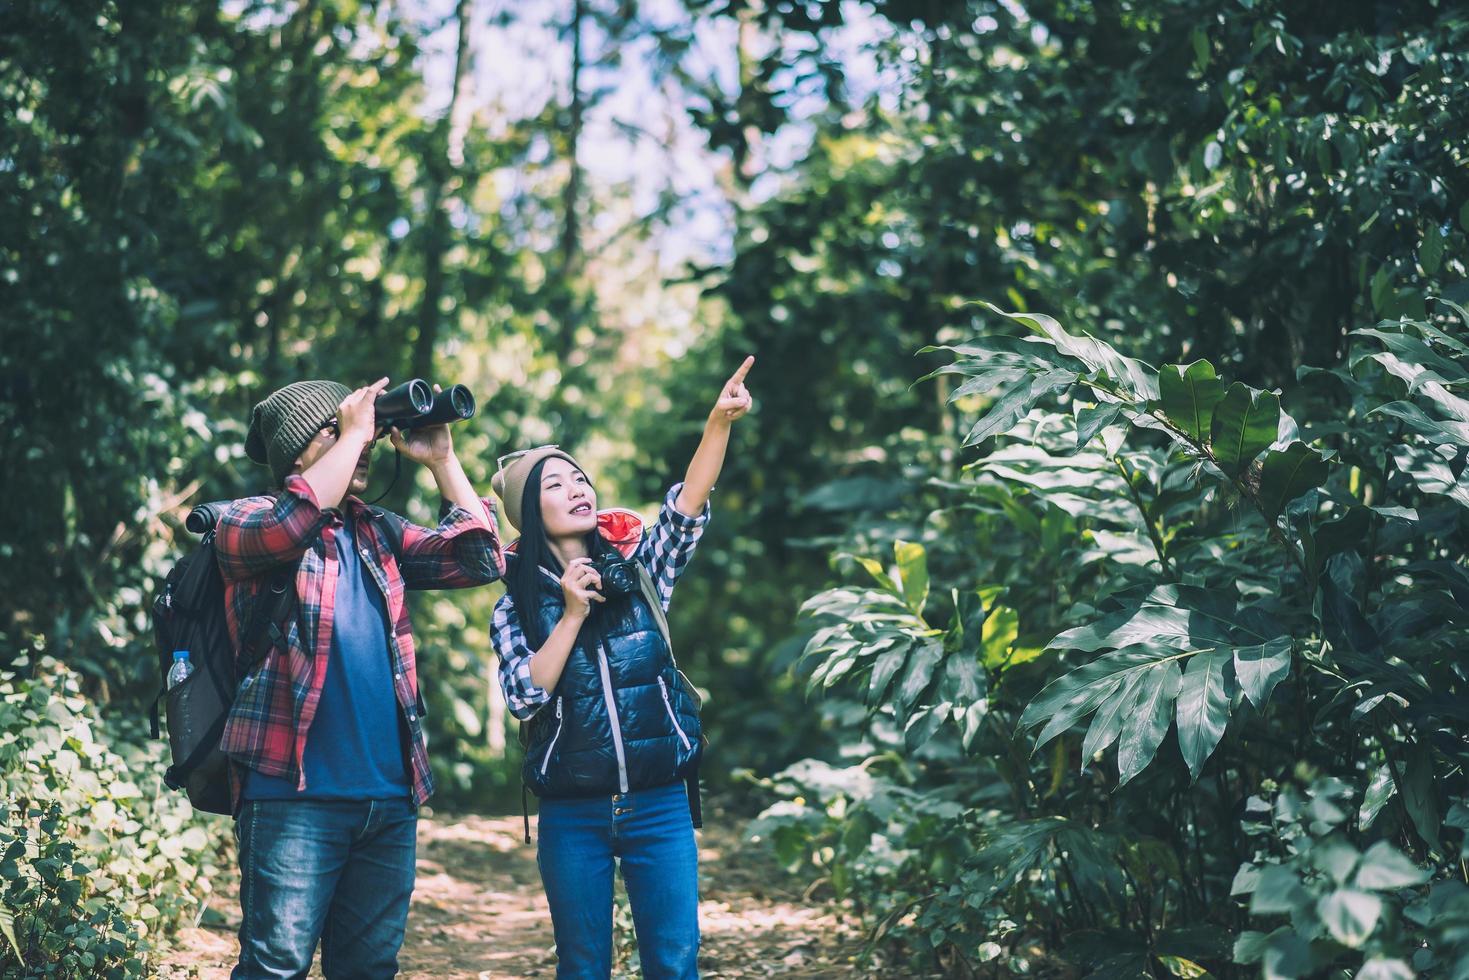 giovani escursionisti con il binocolo nella foresta foto